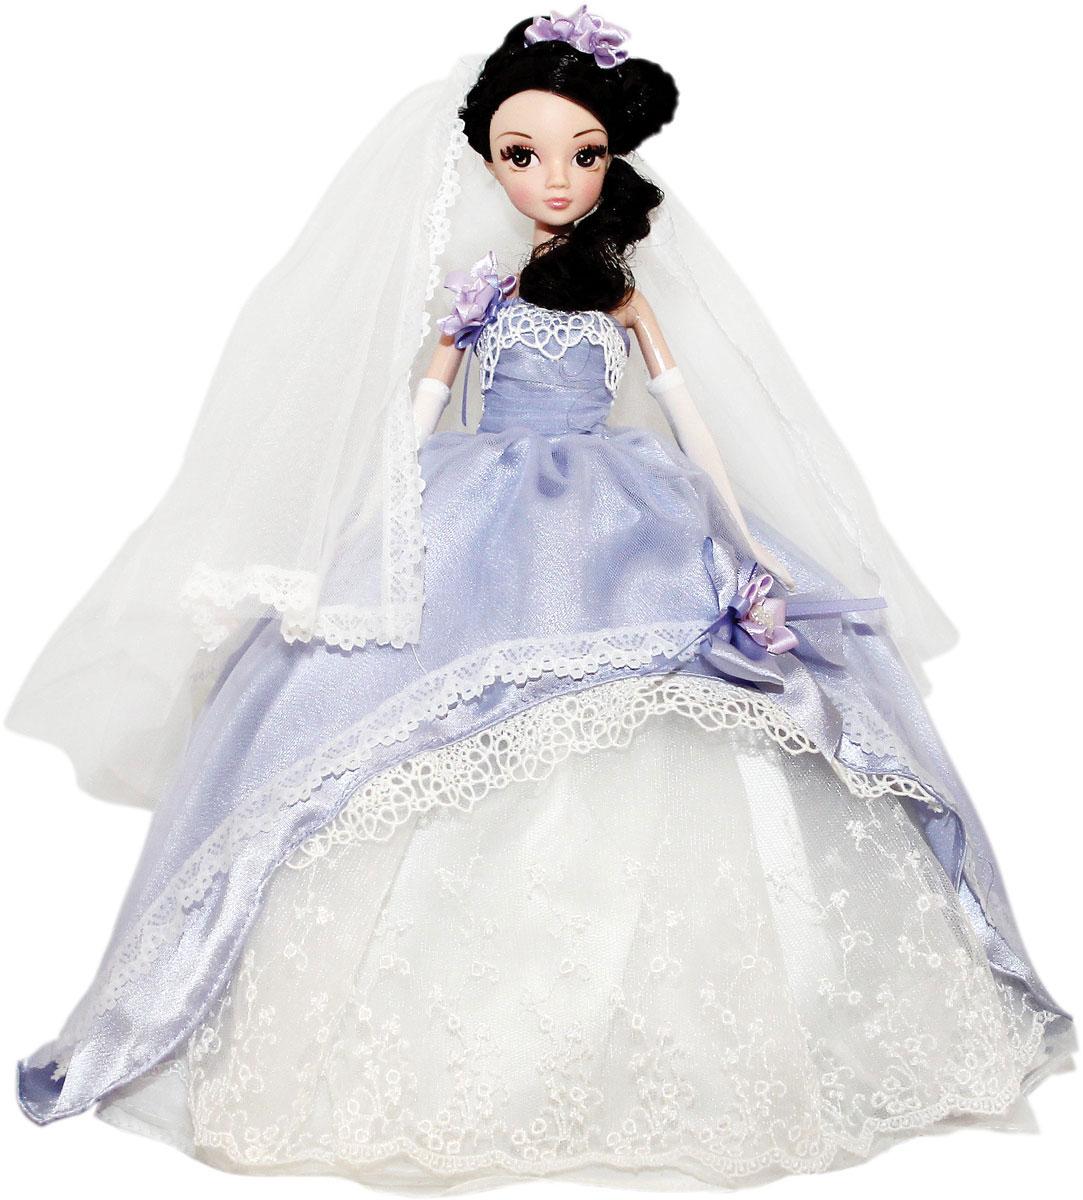 """Кукла Sonya Rose """"Gold Collection. Нежная сирень"""" одета в красивое пышное свадебное платье сиреневого и белого цветов, украшенное крупным бантом с цветочком и бусинами. Ее длинные густые темные волосы украшены фатой с кружевной отделкой и цветочками. У куколки длинные густые ресницы, красивый макияж и чудесная прическа. Дополнением к наряду идут туфельки в тон и длинные перчатки. Руки, ножки и голова куколки подвижны. В комплект входит вертикальная подставка для куколки. Такая очаровательная кукла обязательно понравится вашей малышке."""